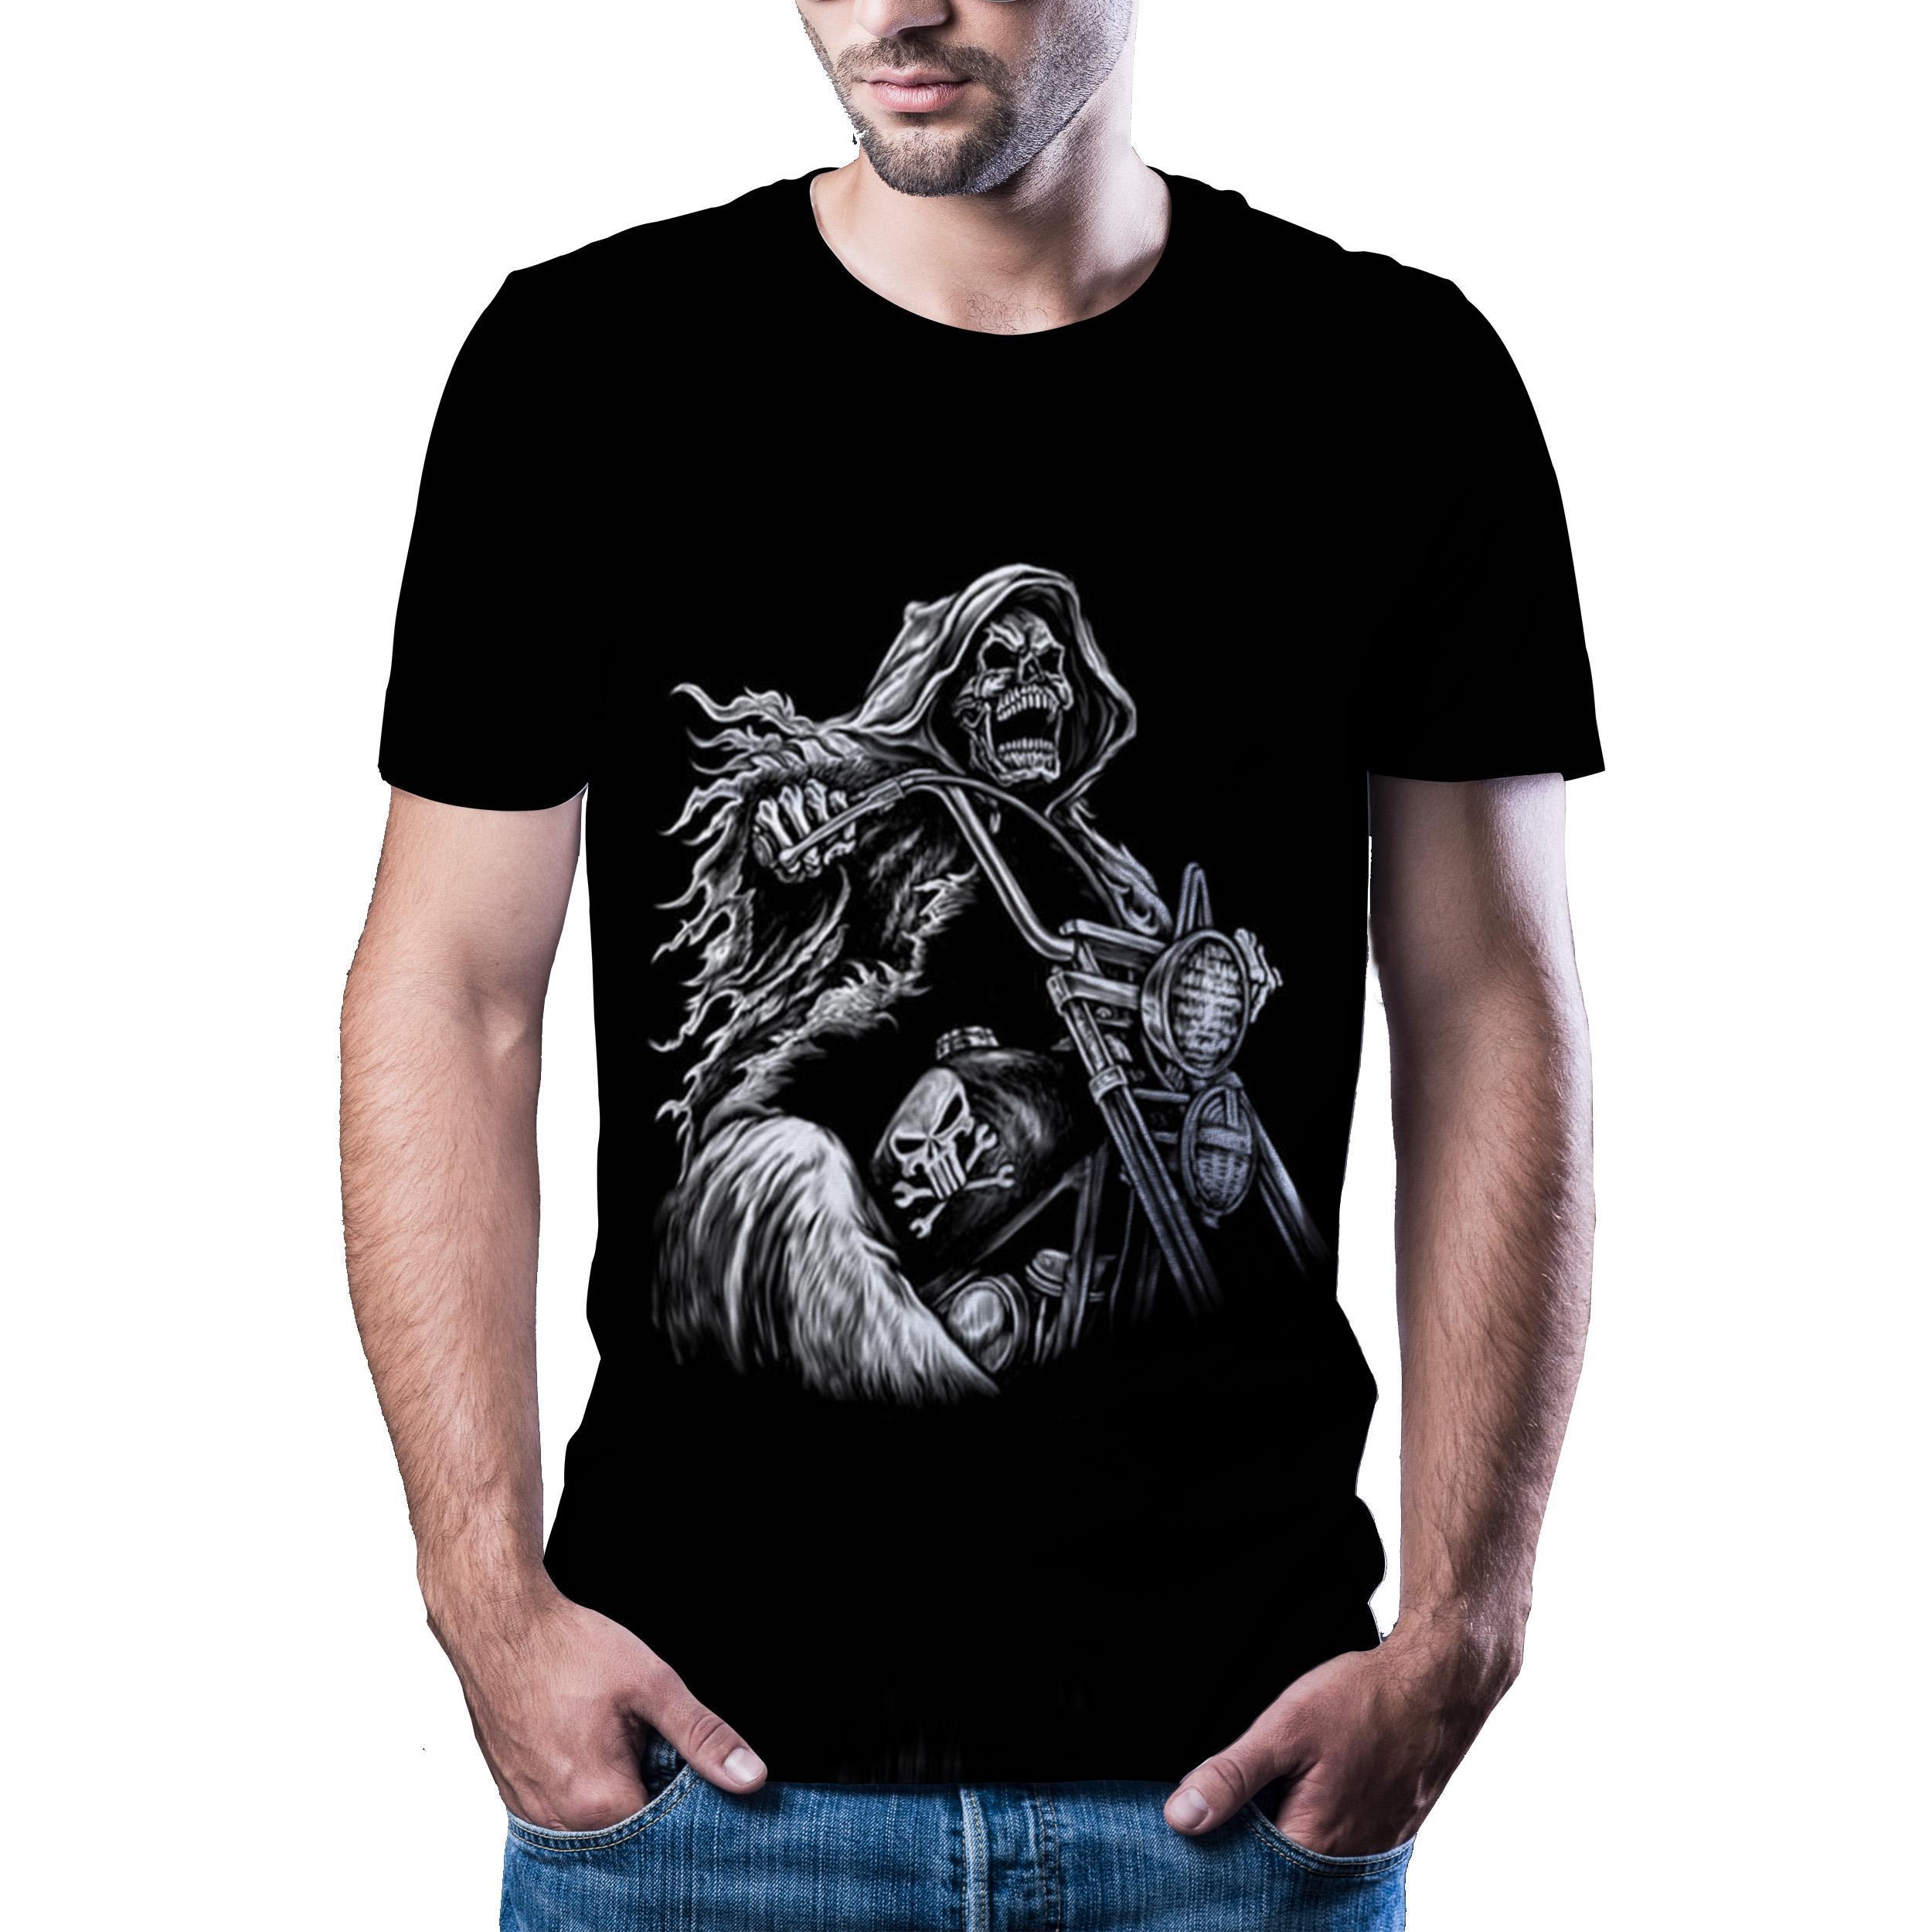 Мужская забавная футболка 2020, Высококачественная футболка с 3d принтом, мужская повседневная крутая Мужская футболка в стиле хип-хоп и уличн...